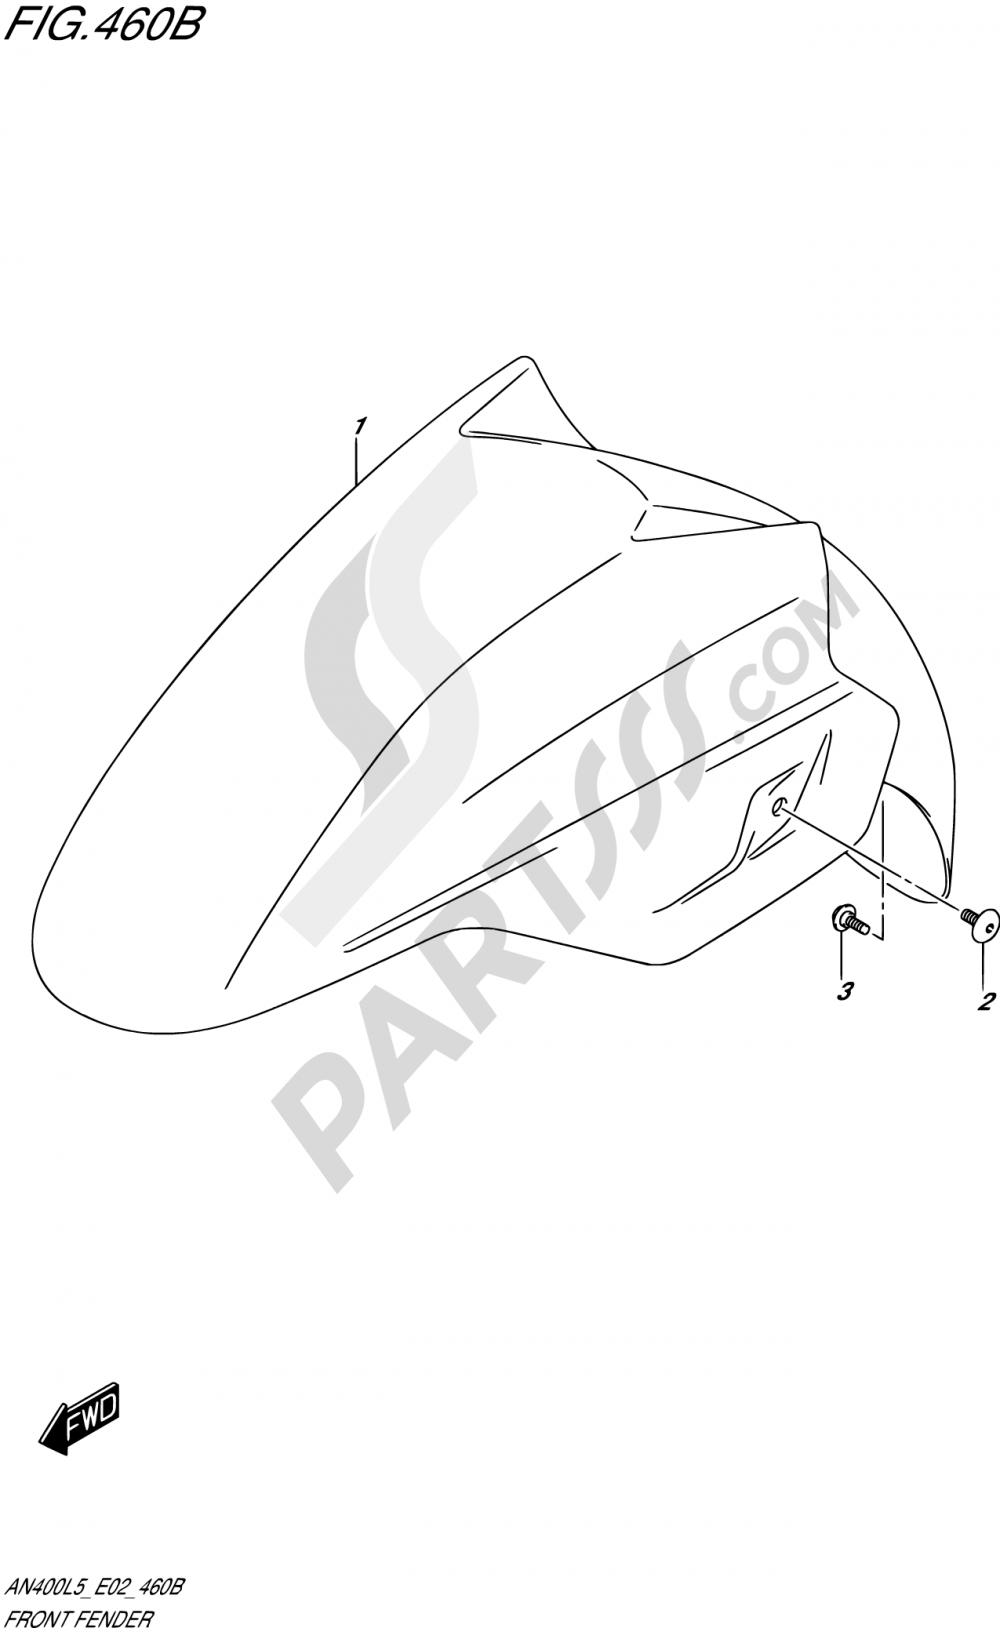 460B - FRONT FENDER (AN400AL5 E02) Suzuki BURGMAN AN400Z 2015